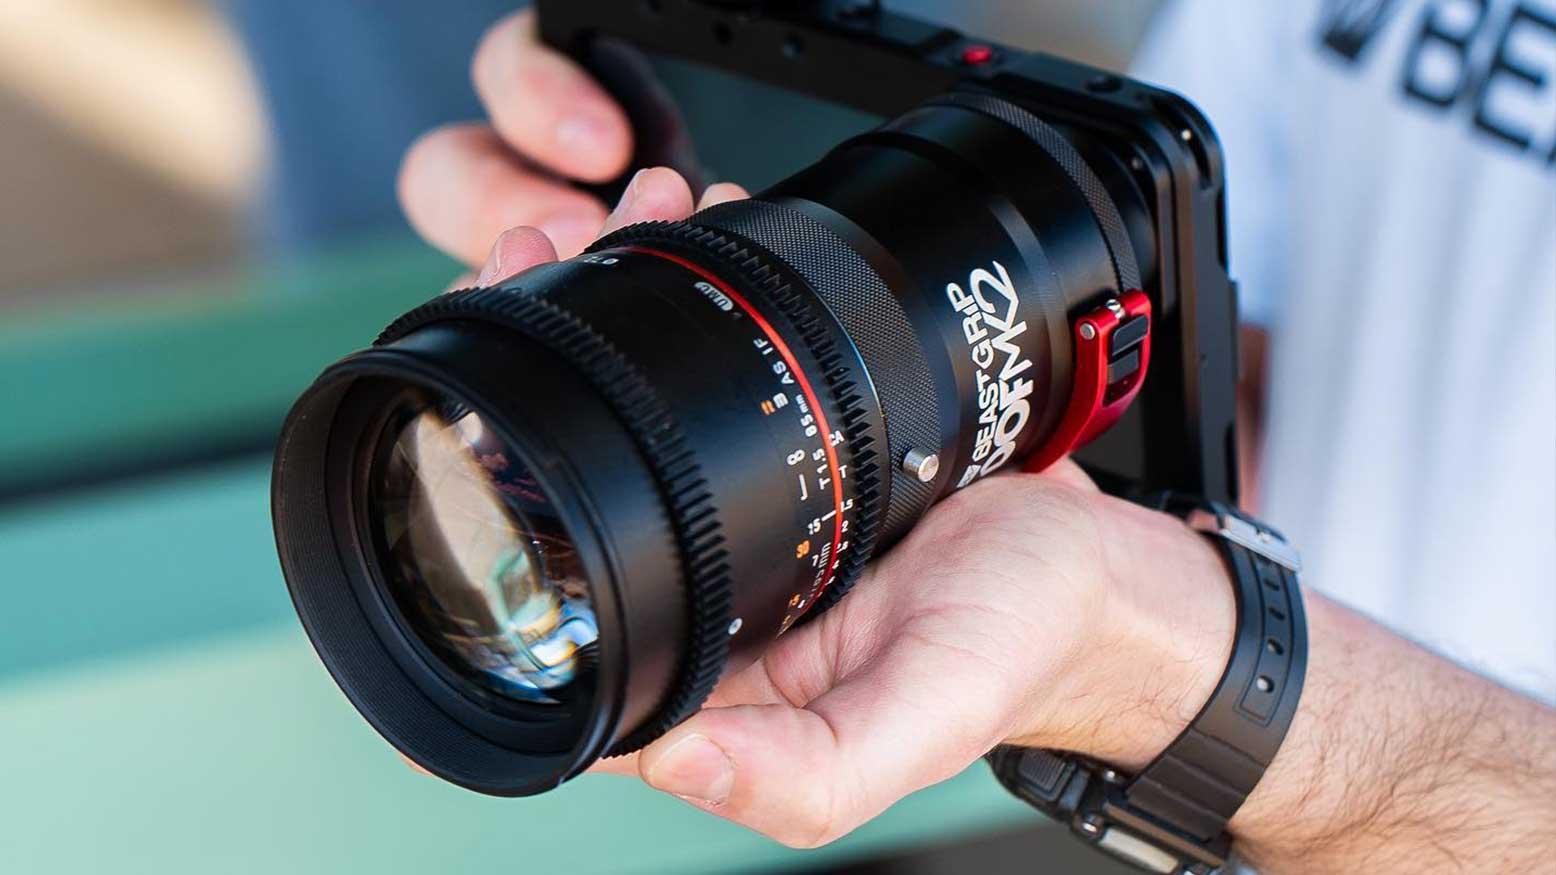 Beastgrip for Videographers